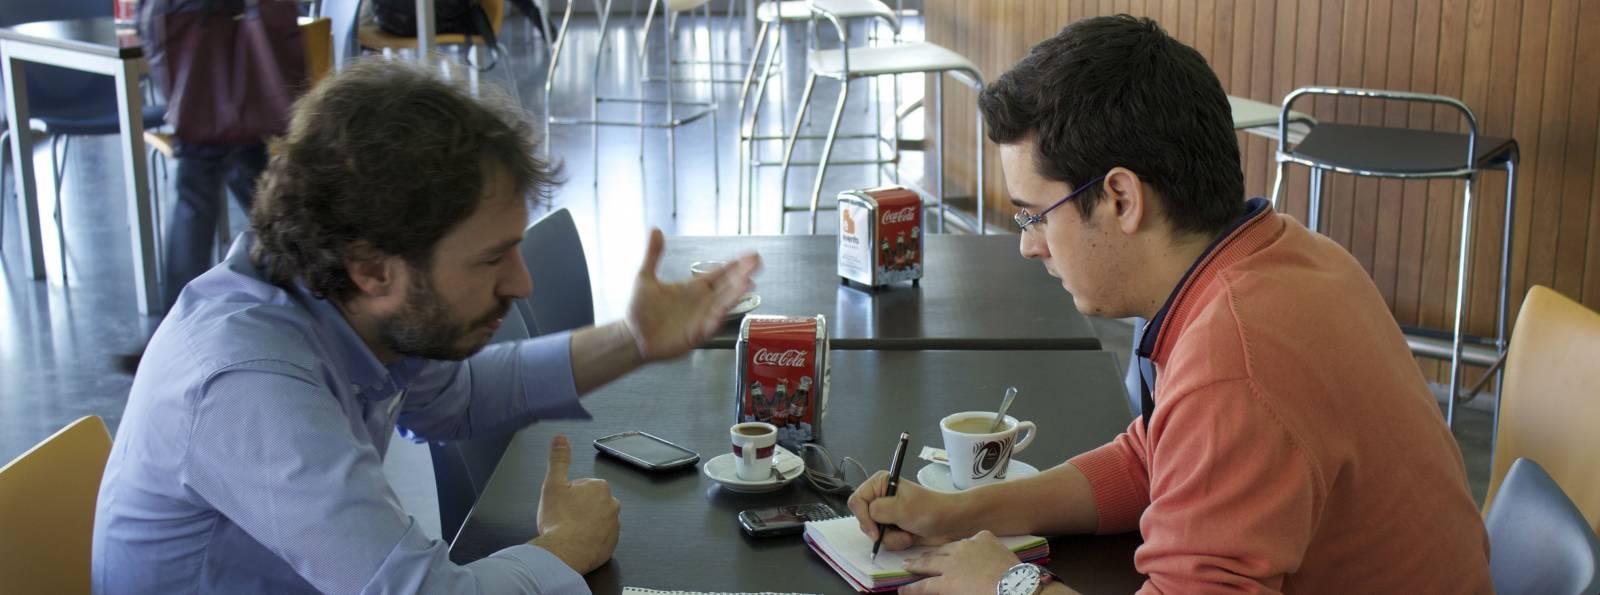 Pérez Colomé durante la entrevista